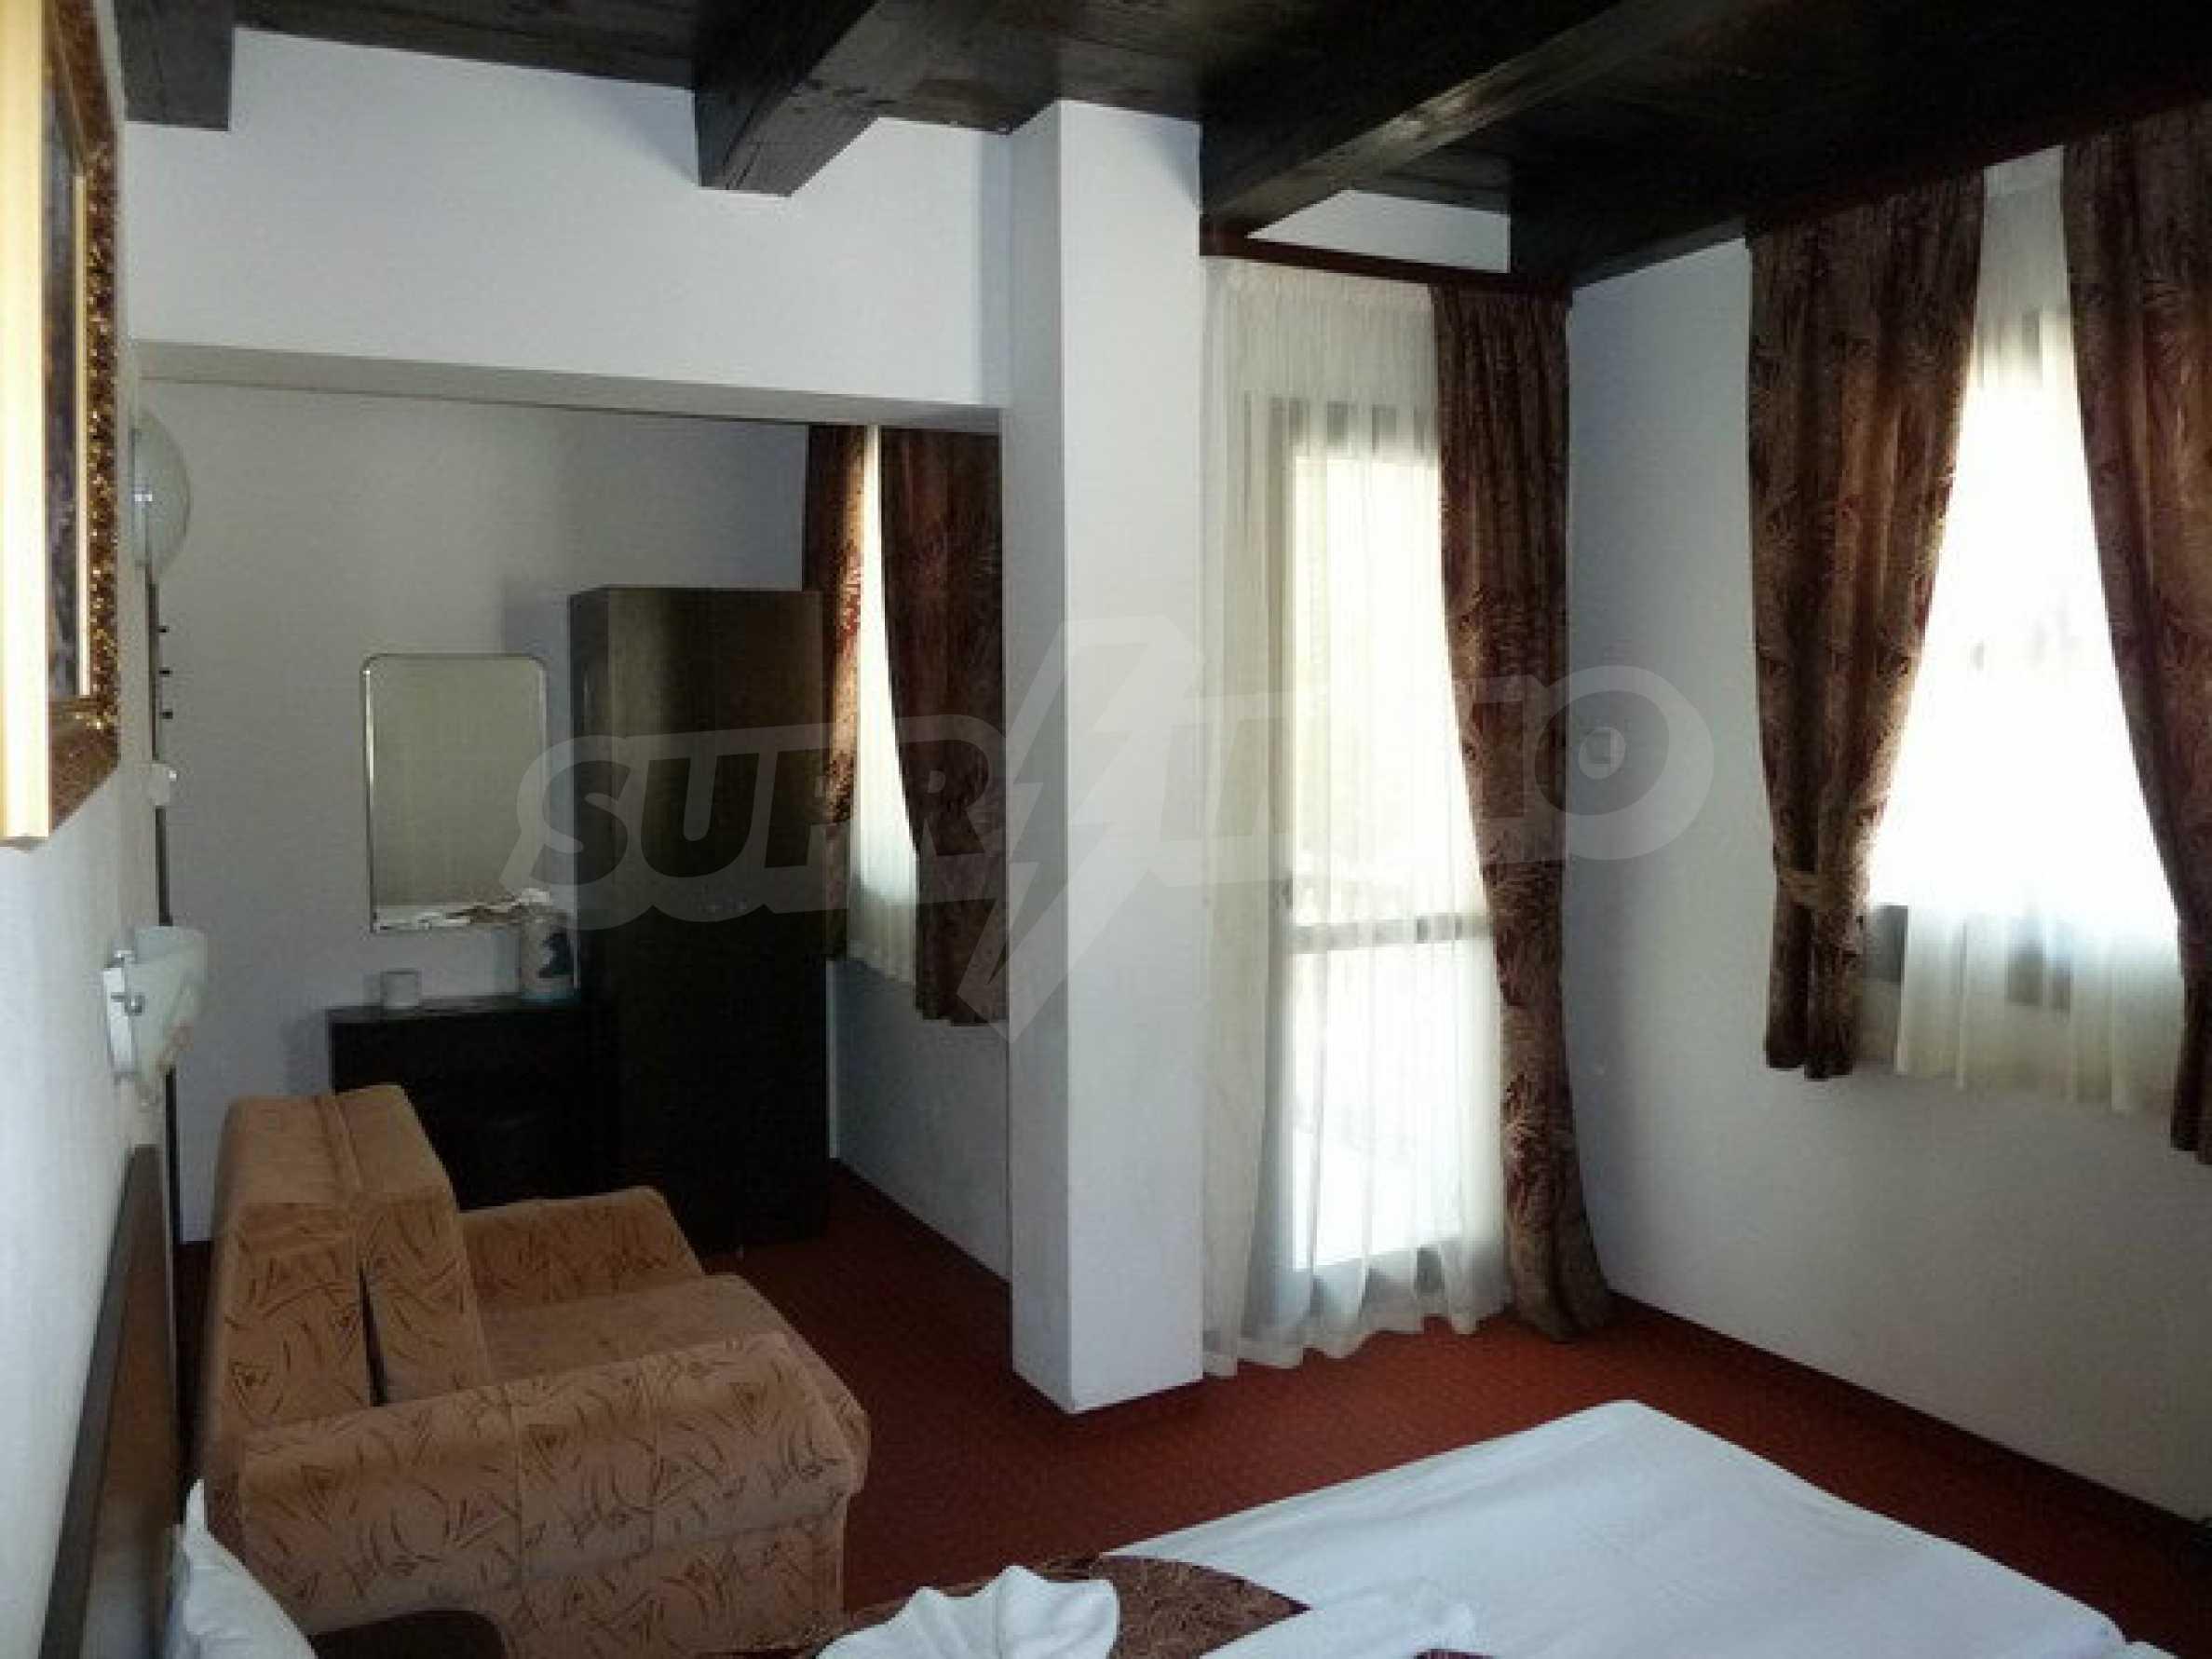 Zwei Gästehäuser in einer attraktiven Gegend mit heißen Mineralquellen in der Nähe der Stadt Troyan 4